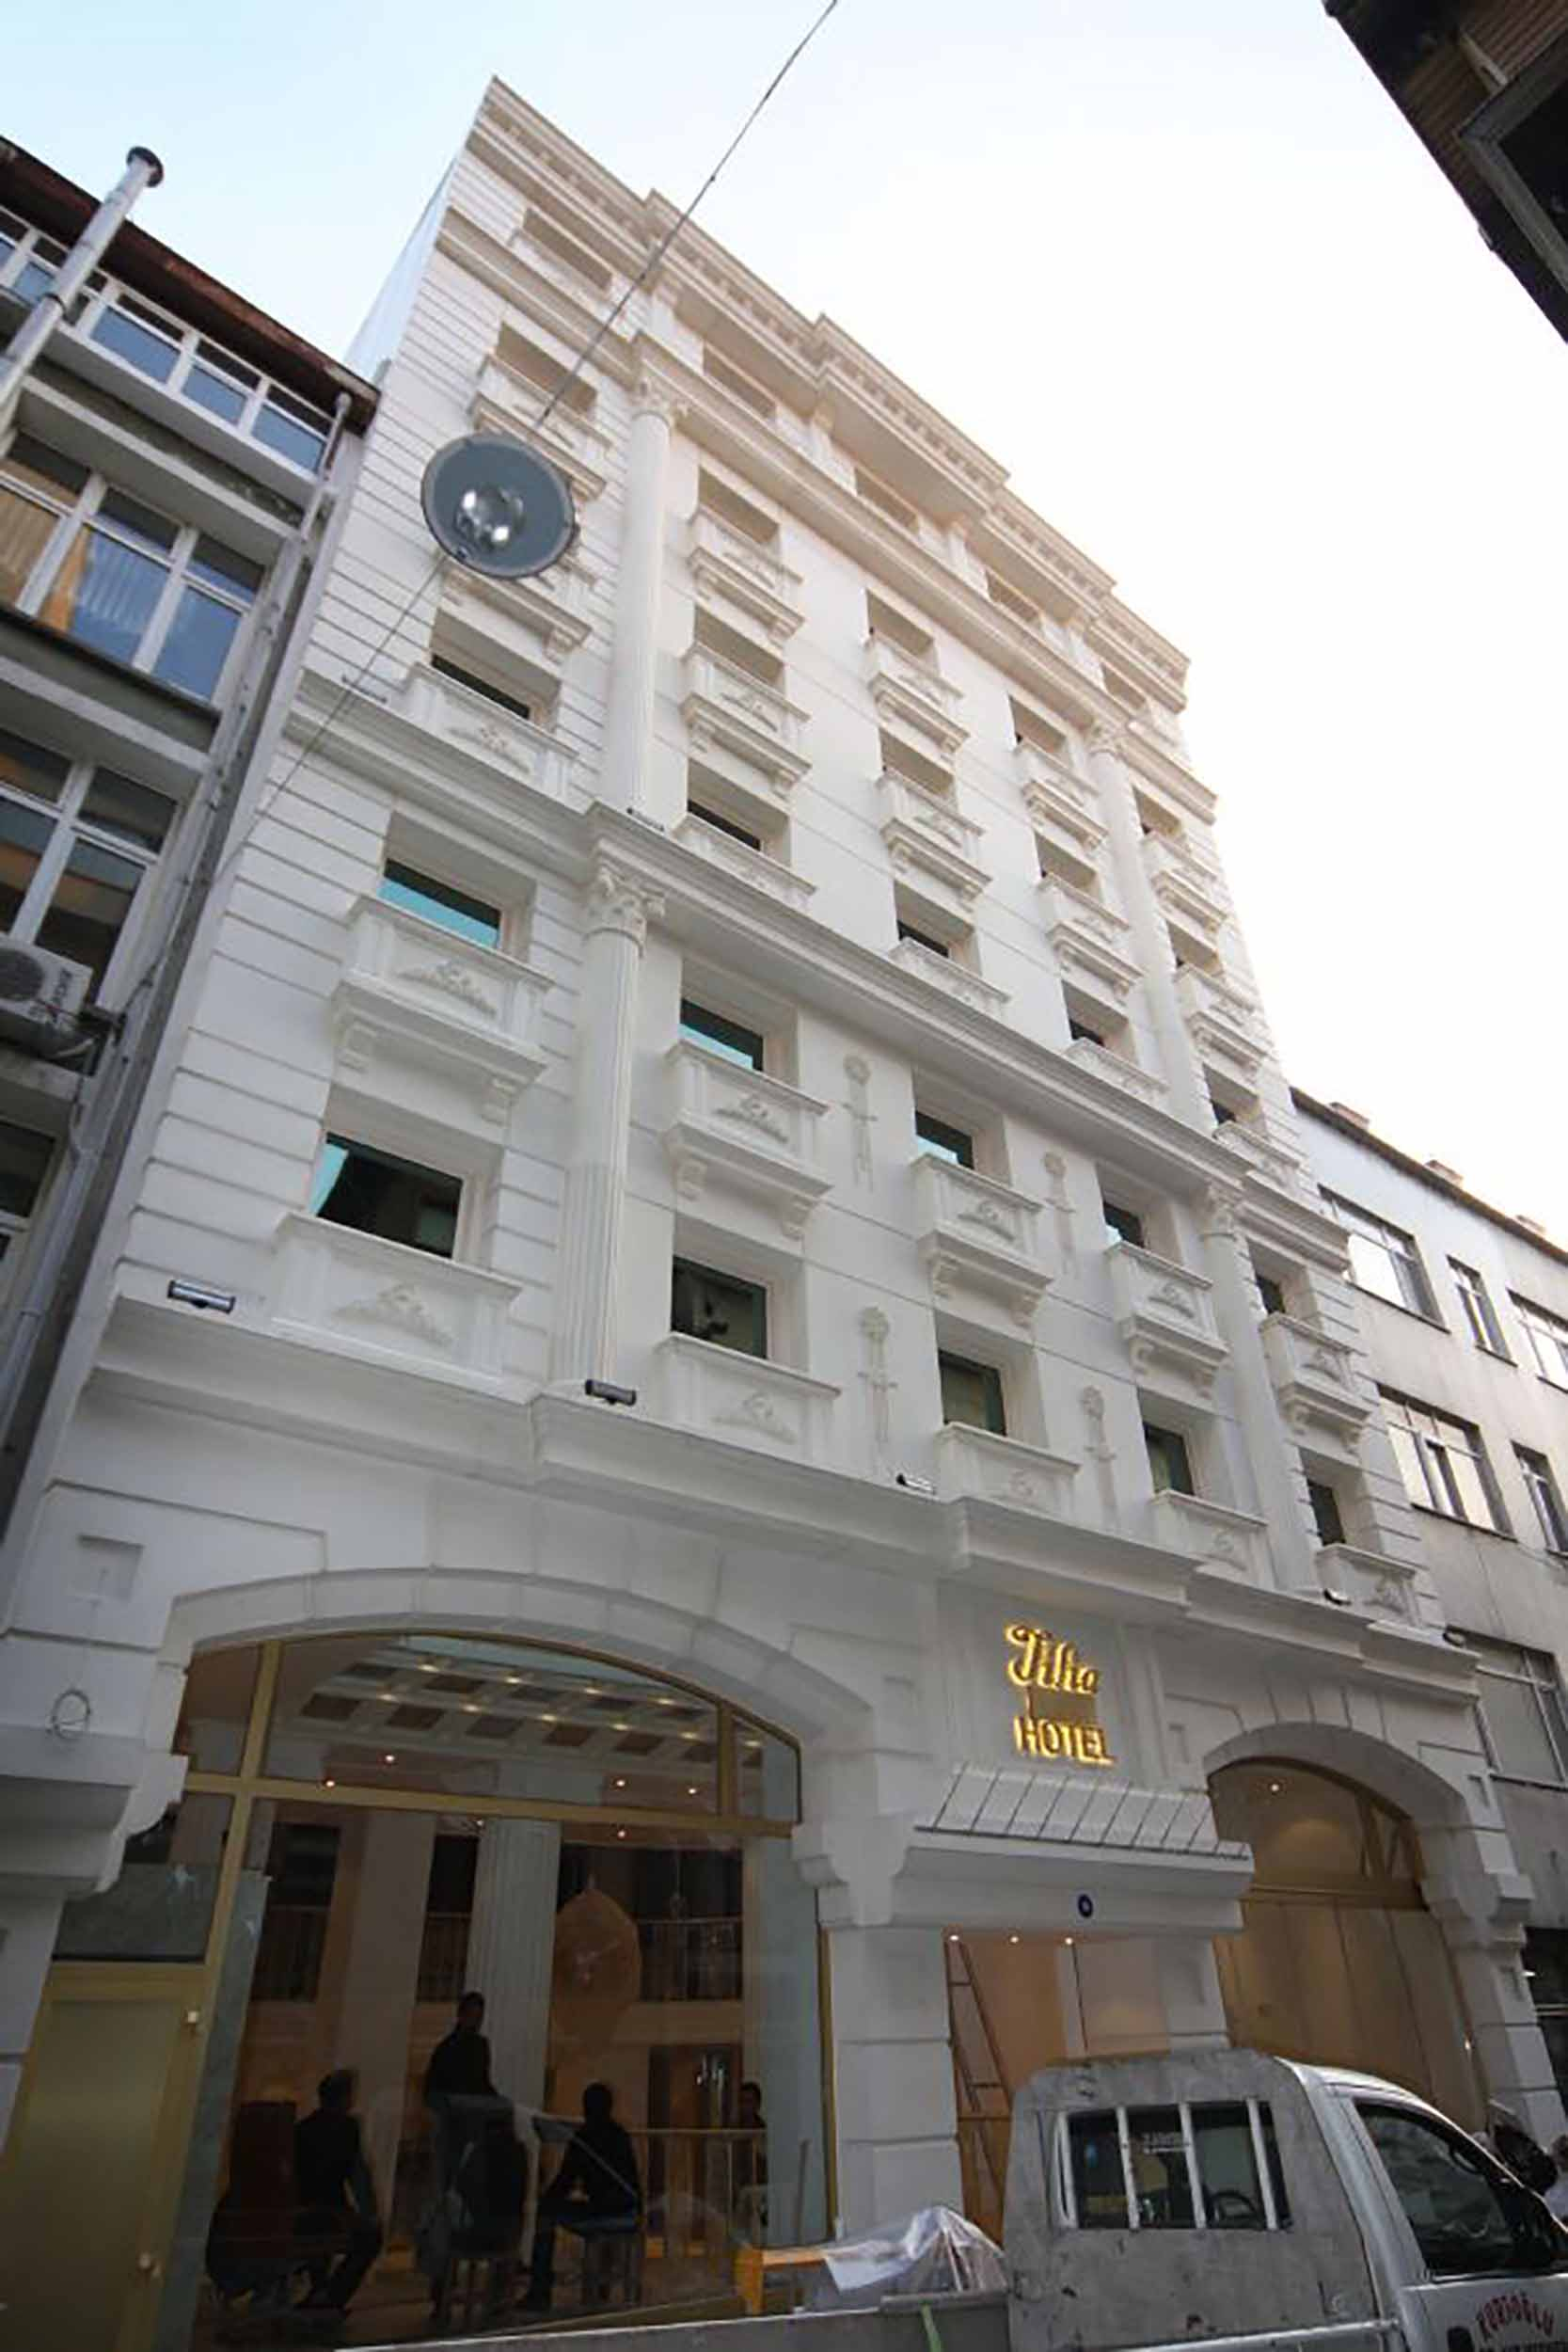 Fibrobeton Tilia Hotel